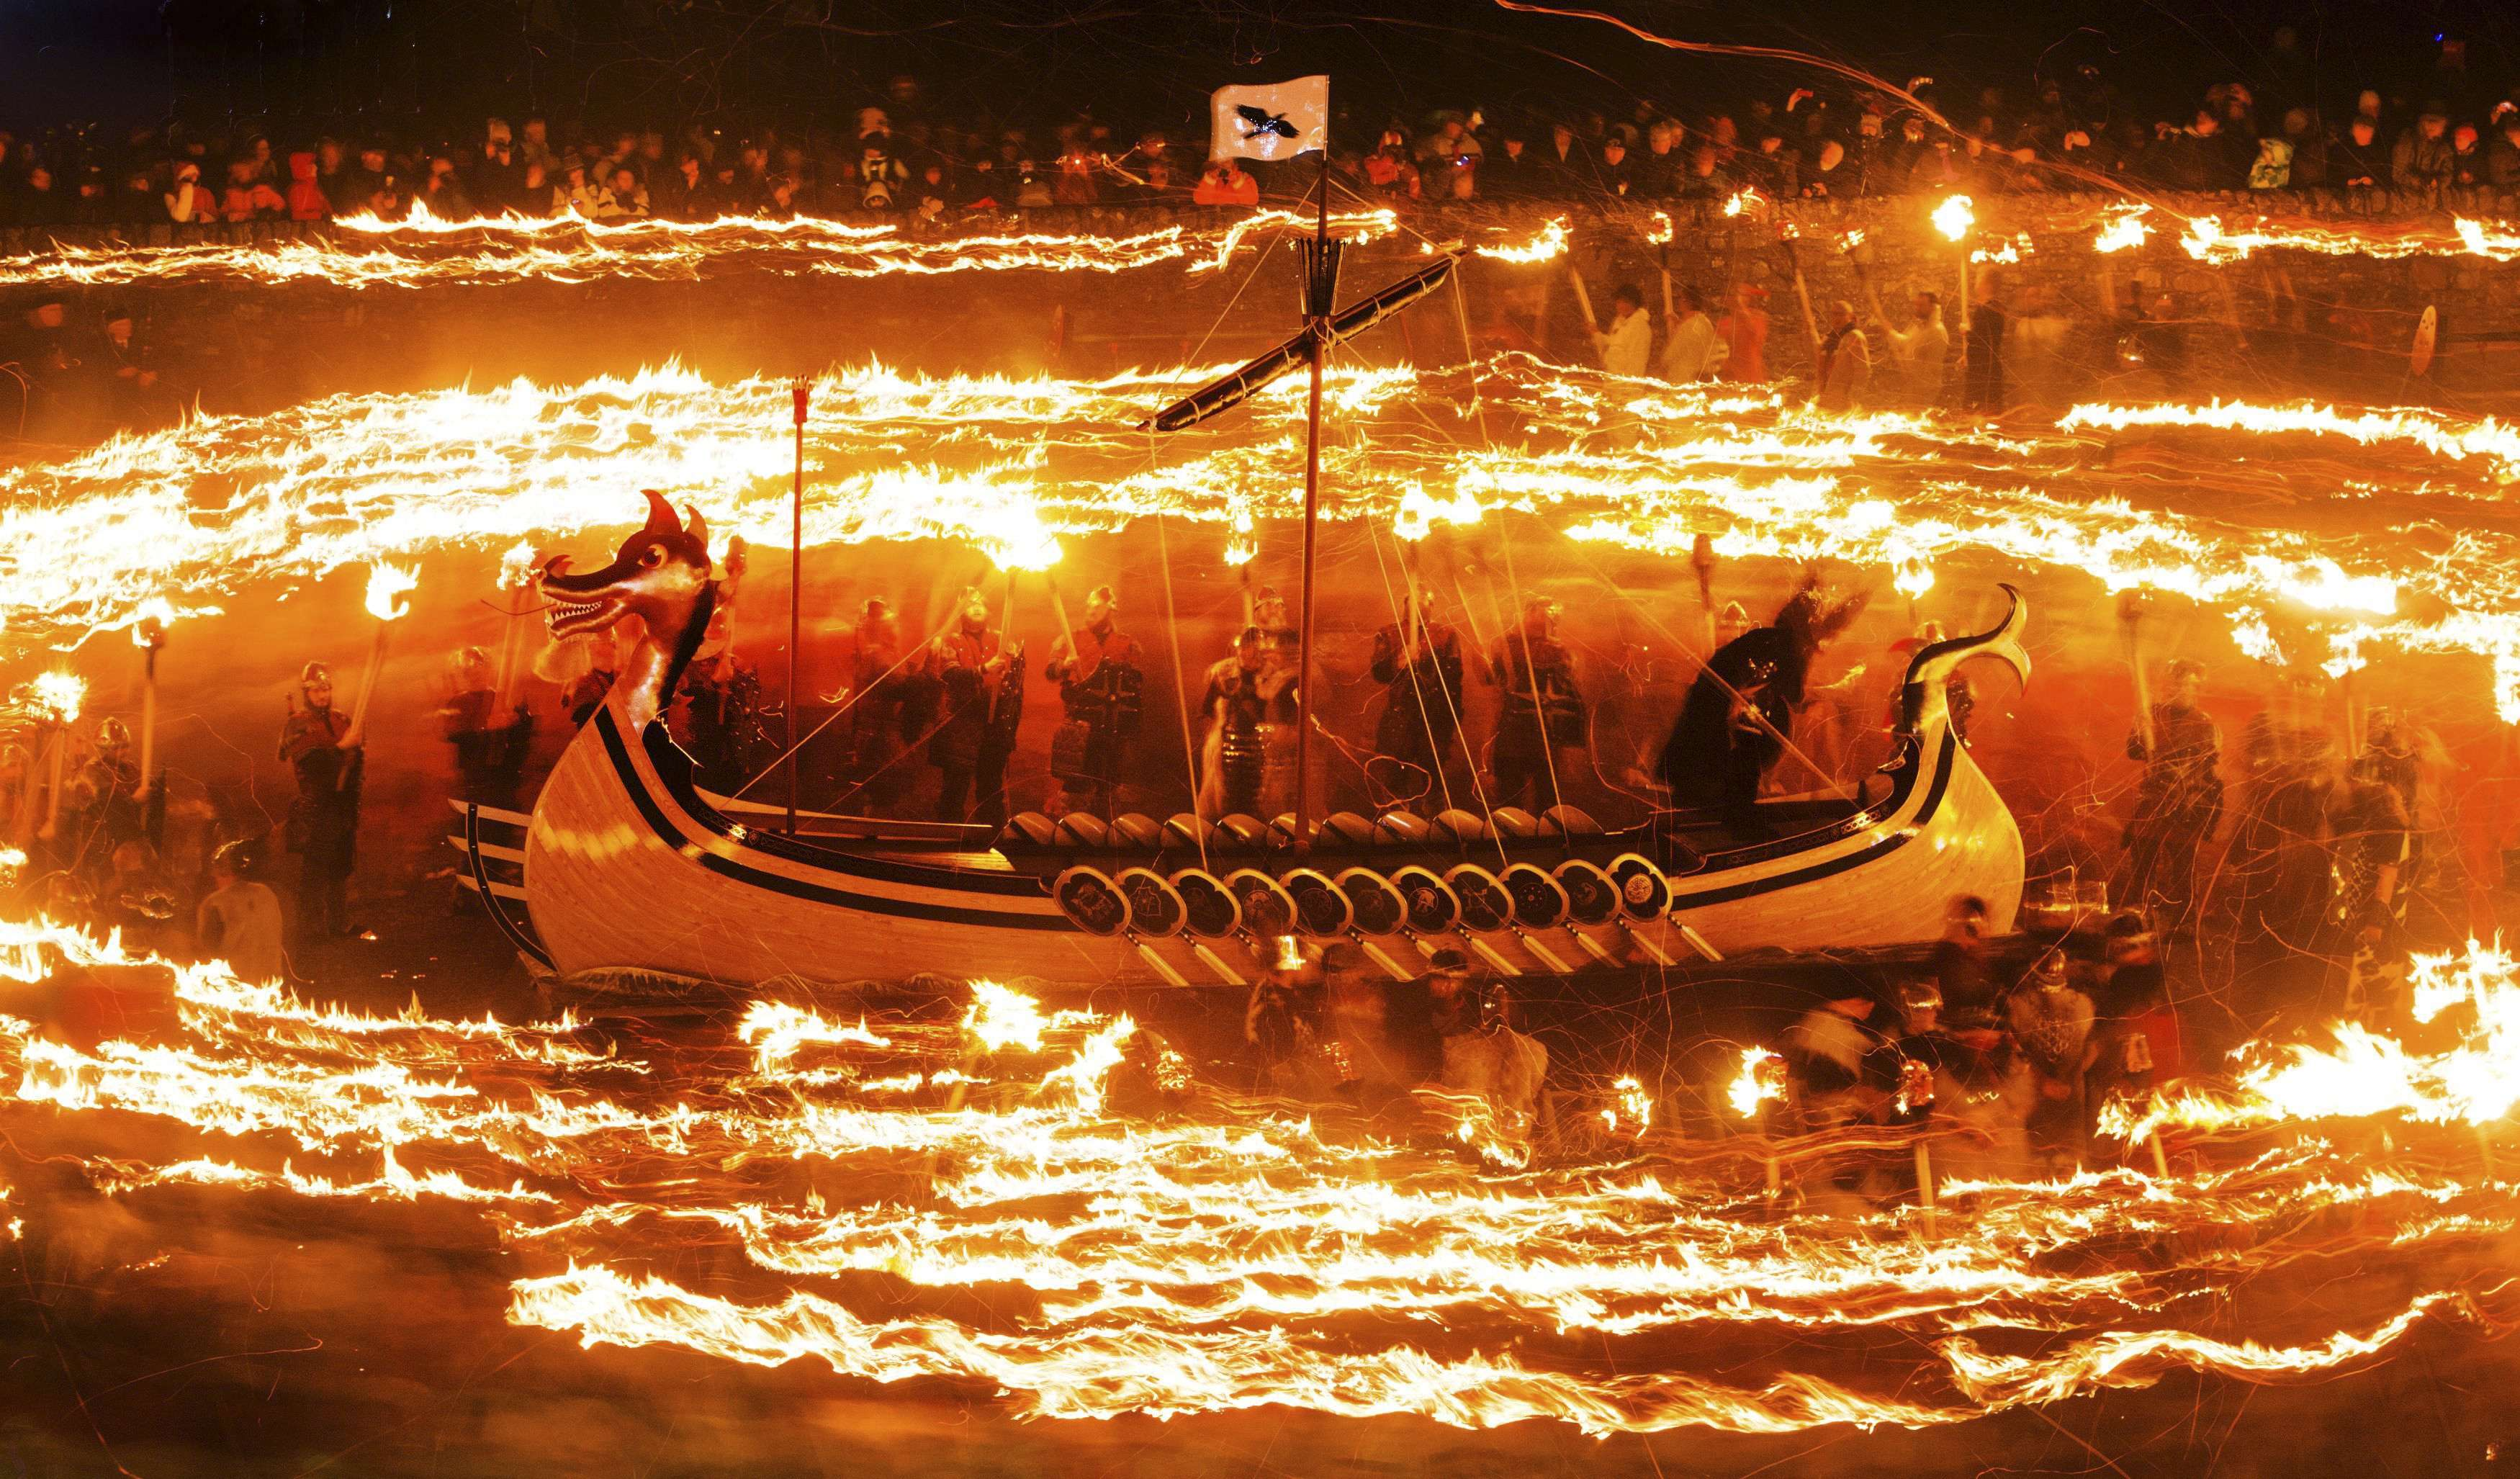 El festival del fuego en Lerwick terminó con la quema de una réplica de un barco vikingo. Foto: AP en español